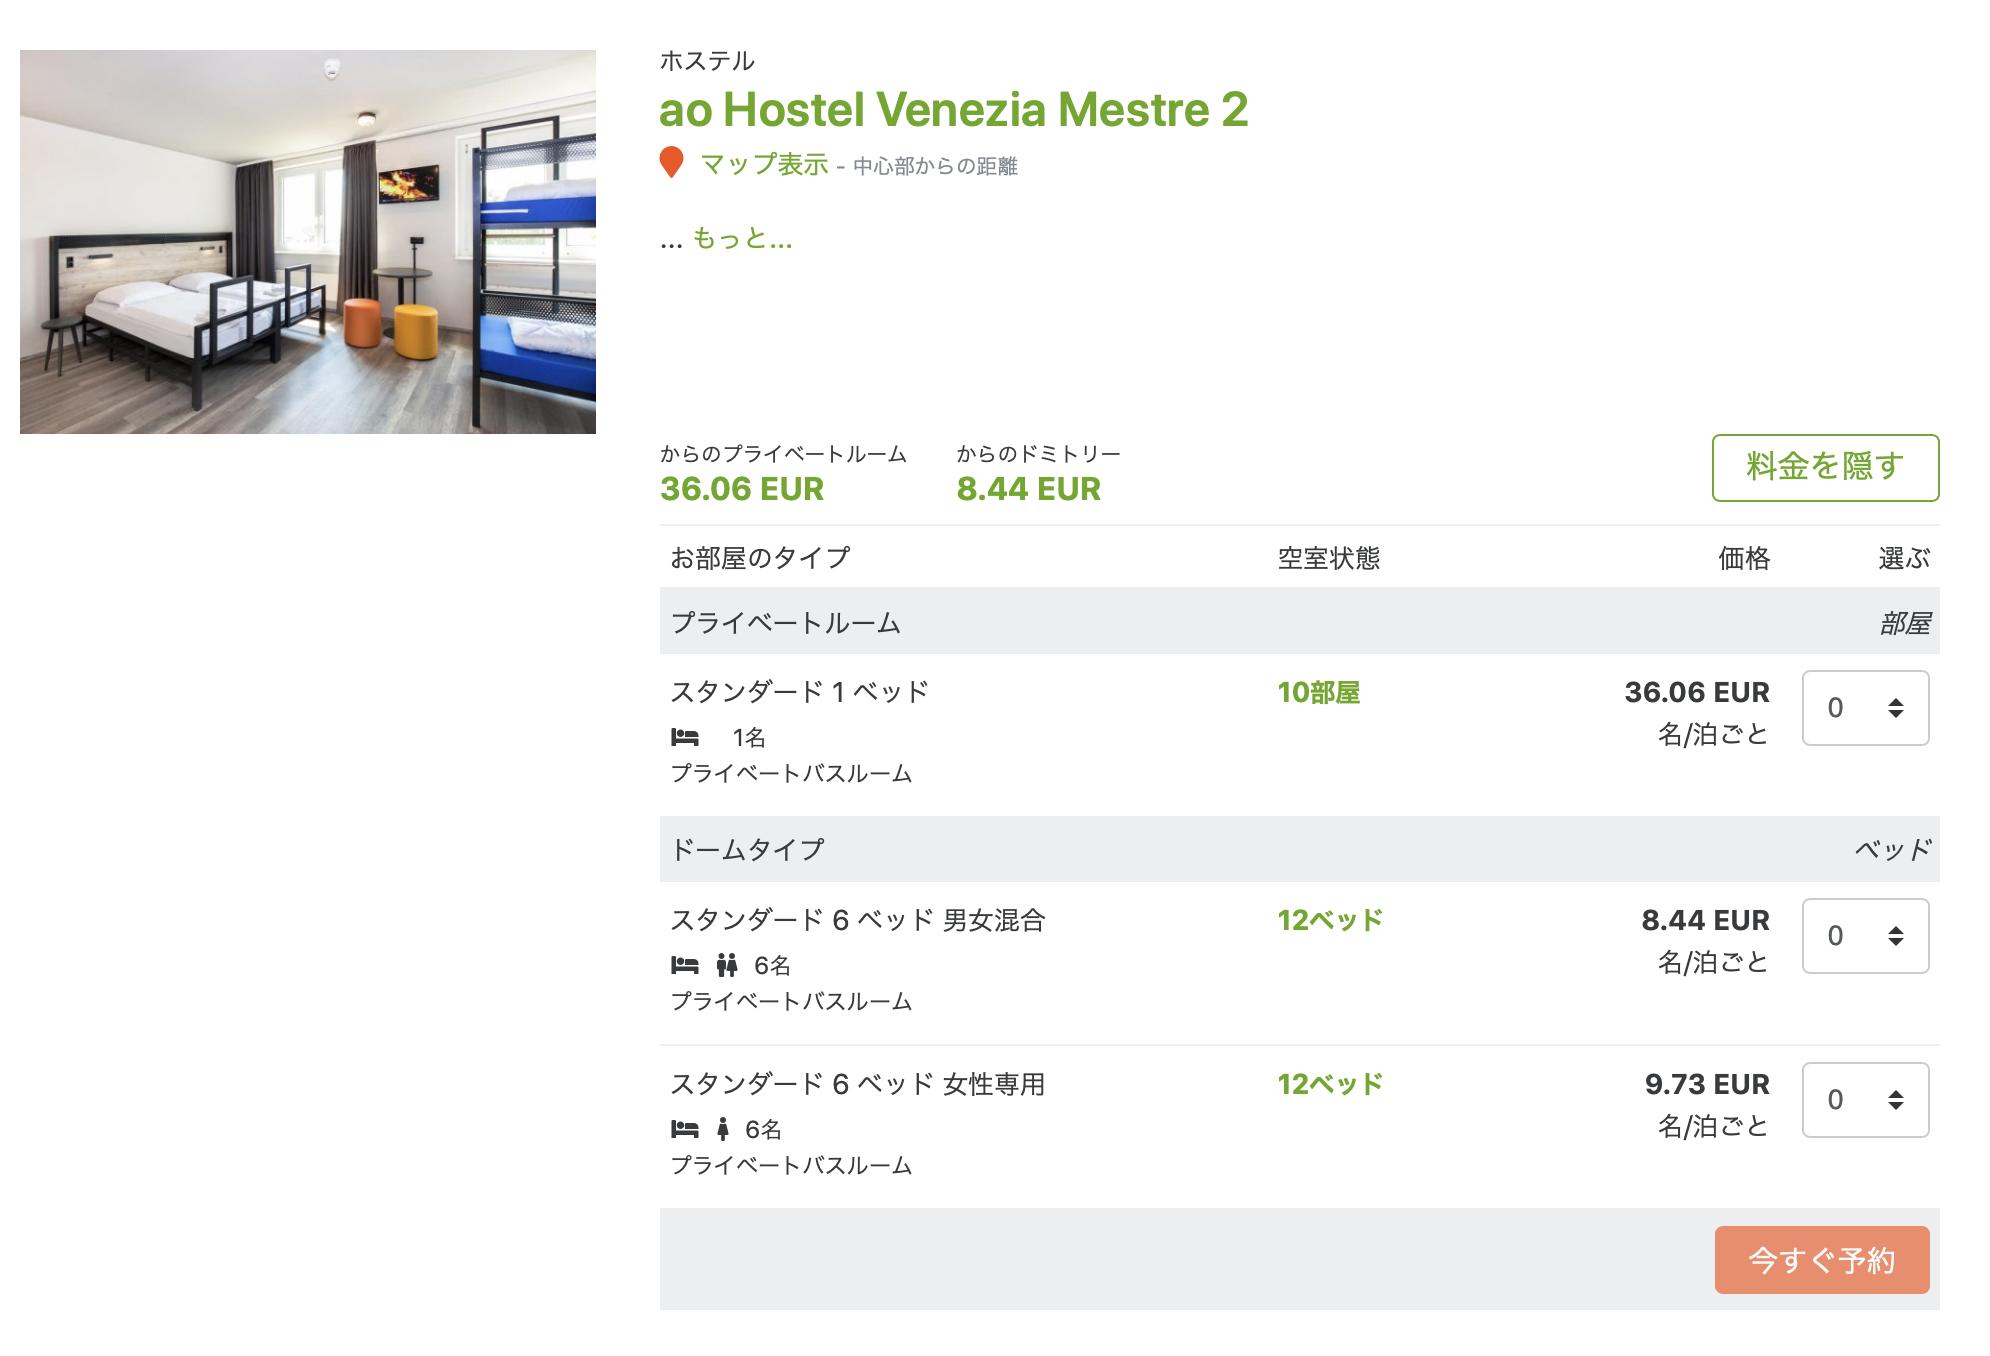 ホステルスクラブでホテルを予約